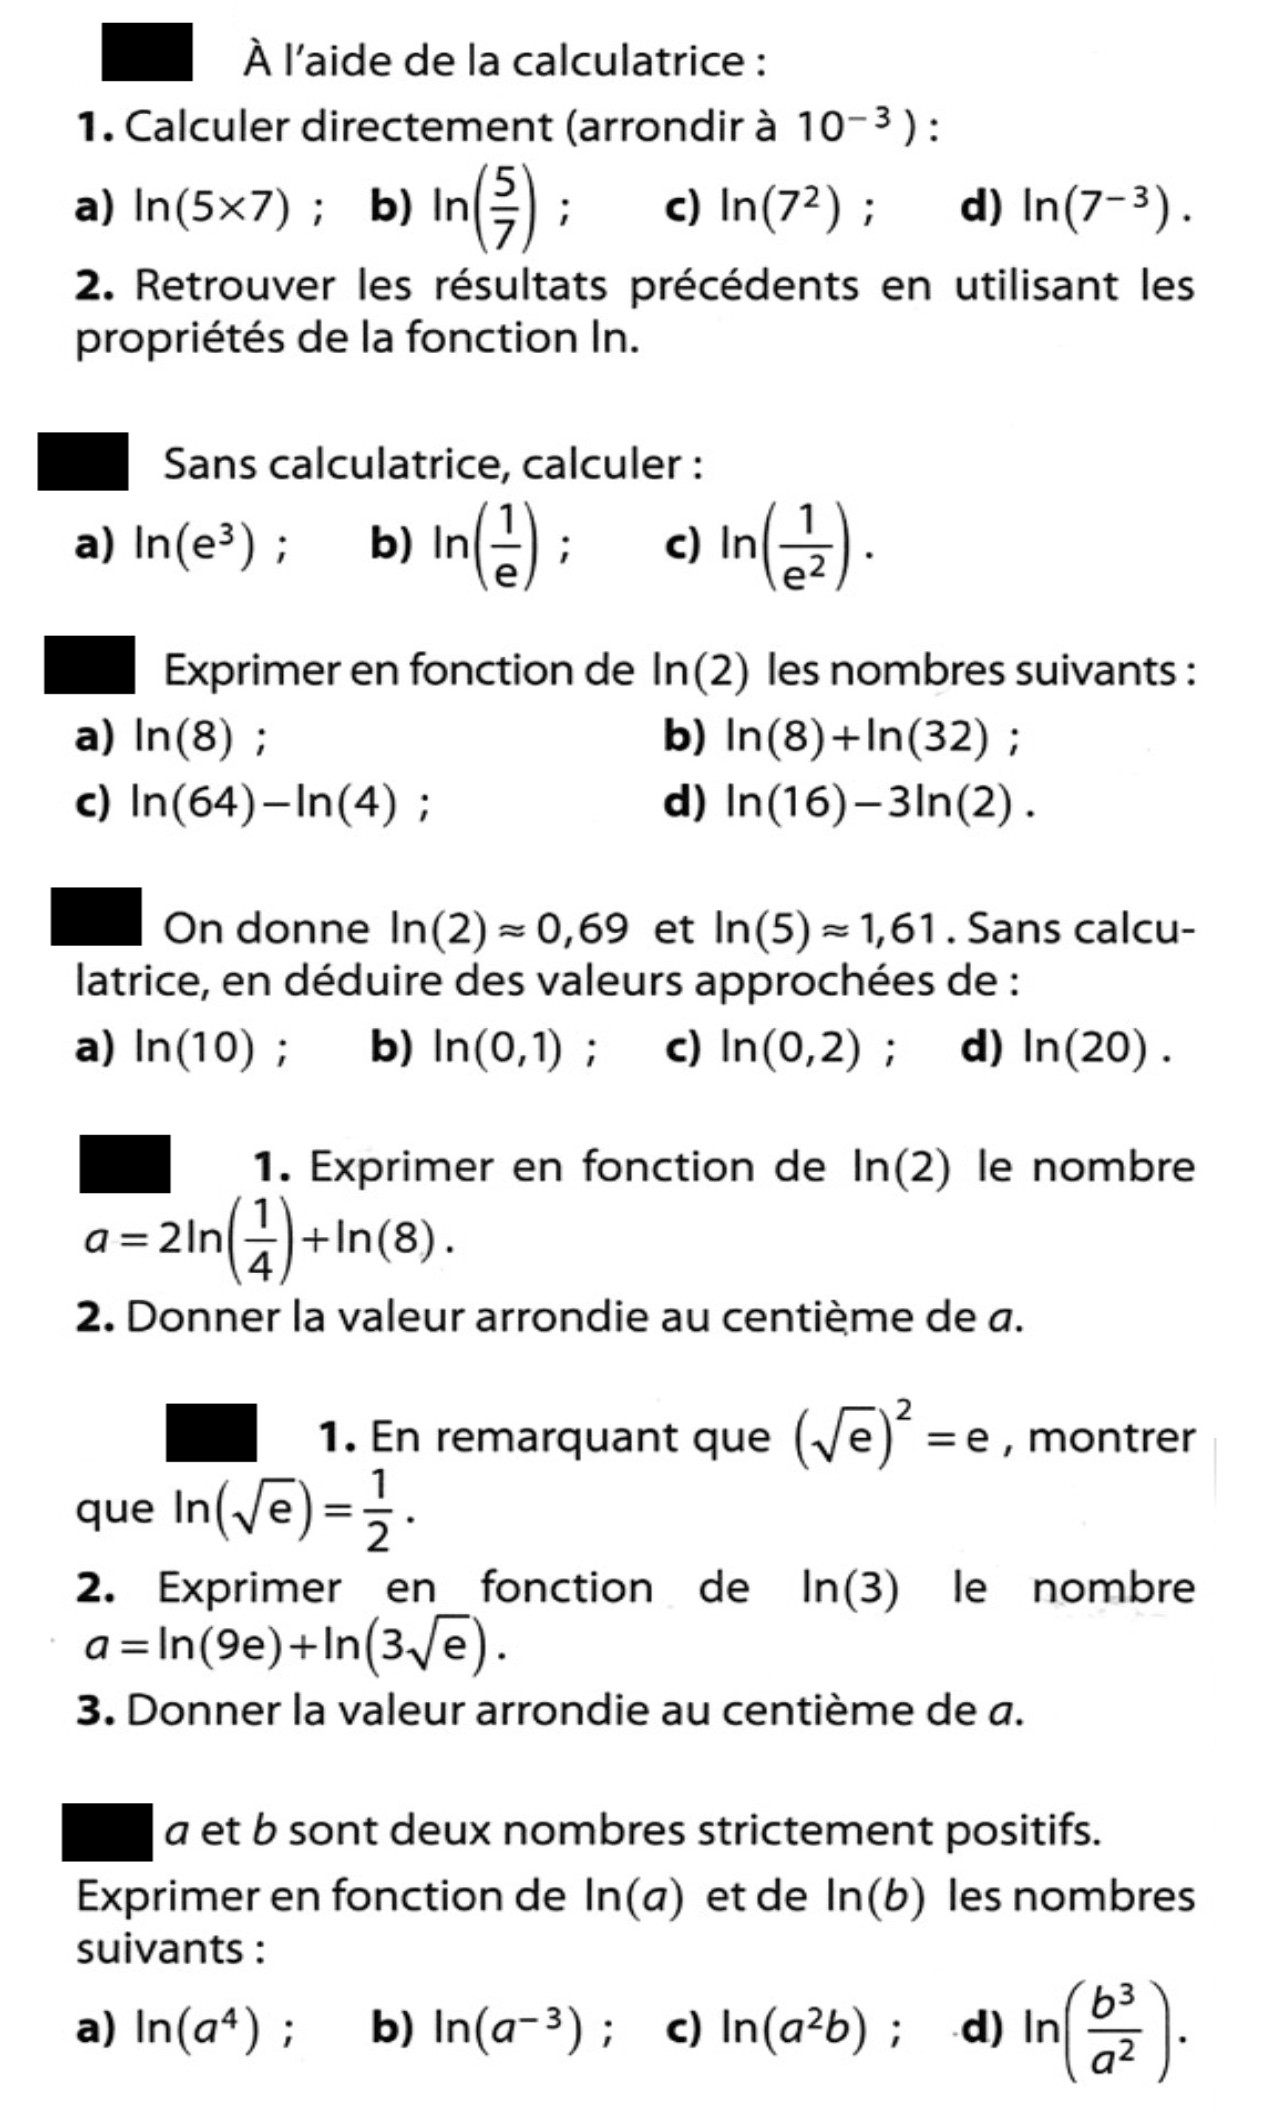 Simplifier à l'aide des relations algébriques du logarithme